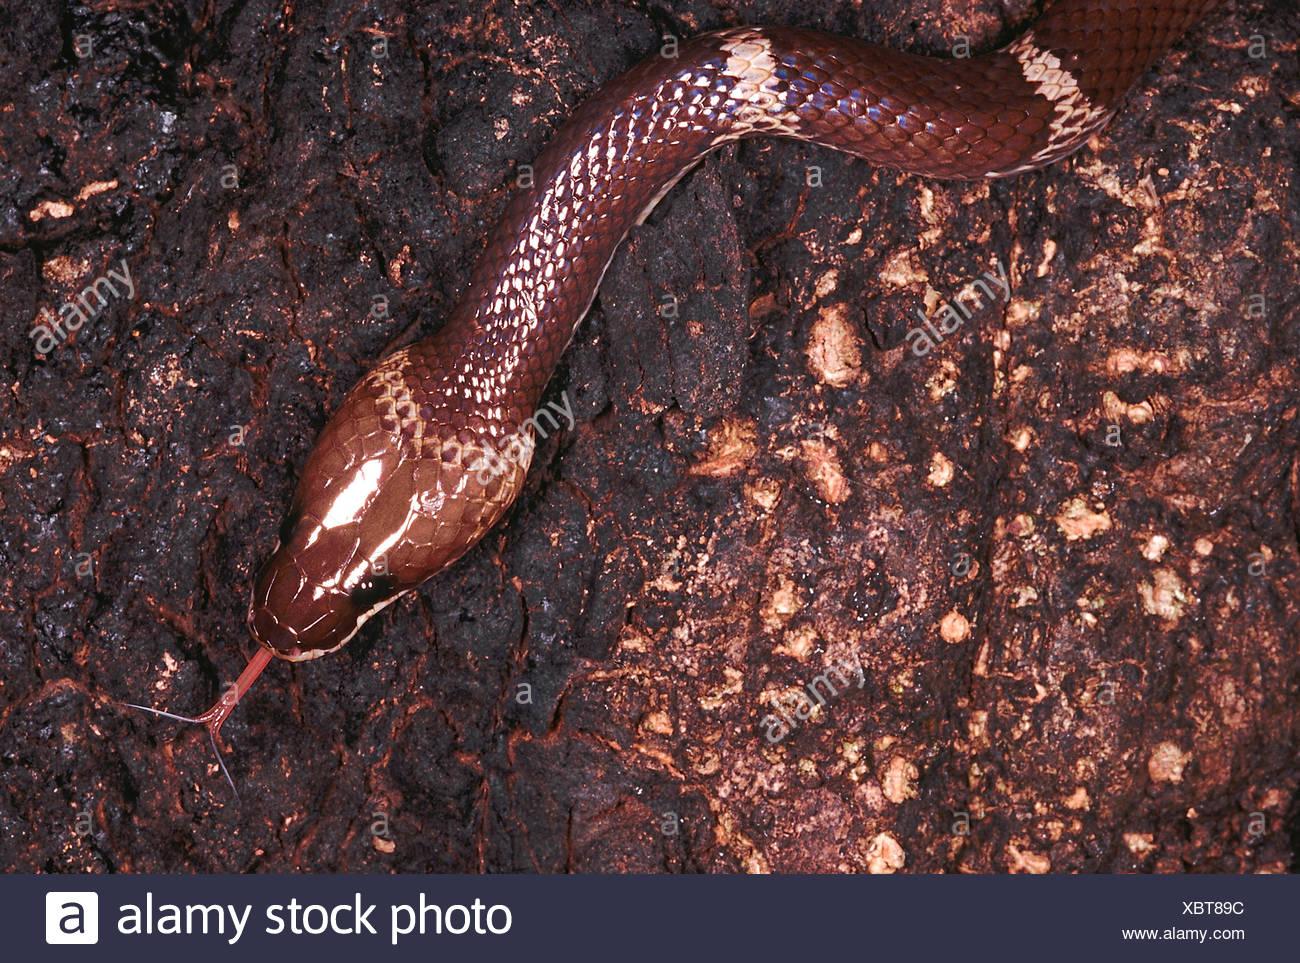 Oligodon taeniolatus. RUSSELL'S ou kukri variegated serpent. un serpent rare qui est plutôt docile et timide. Photo Stock